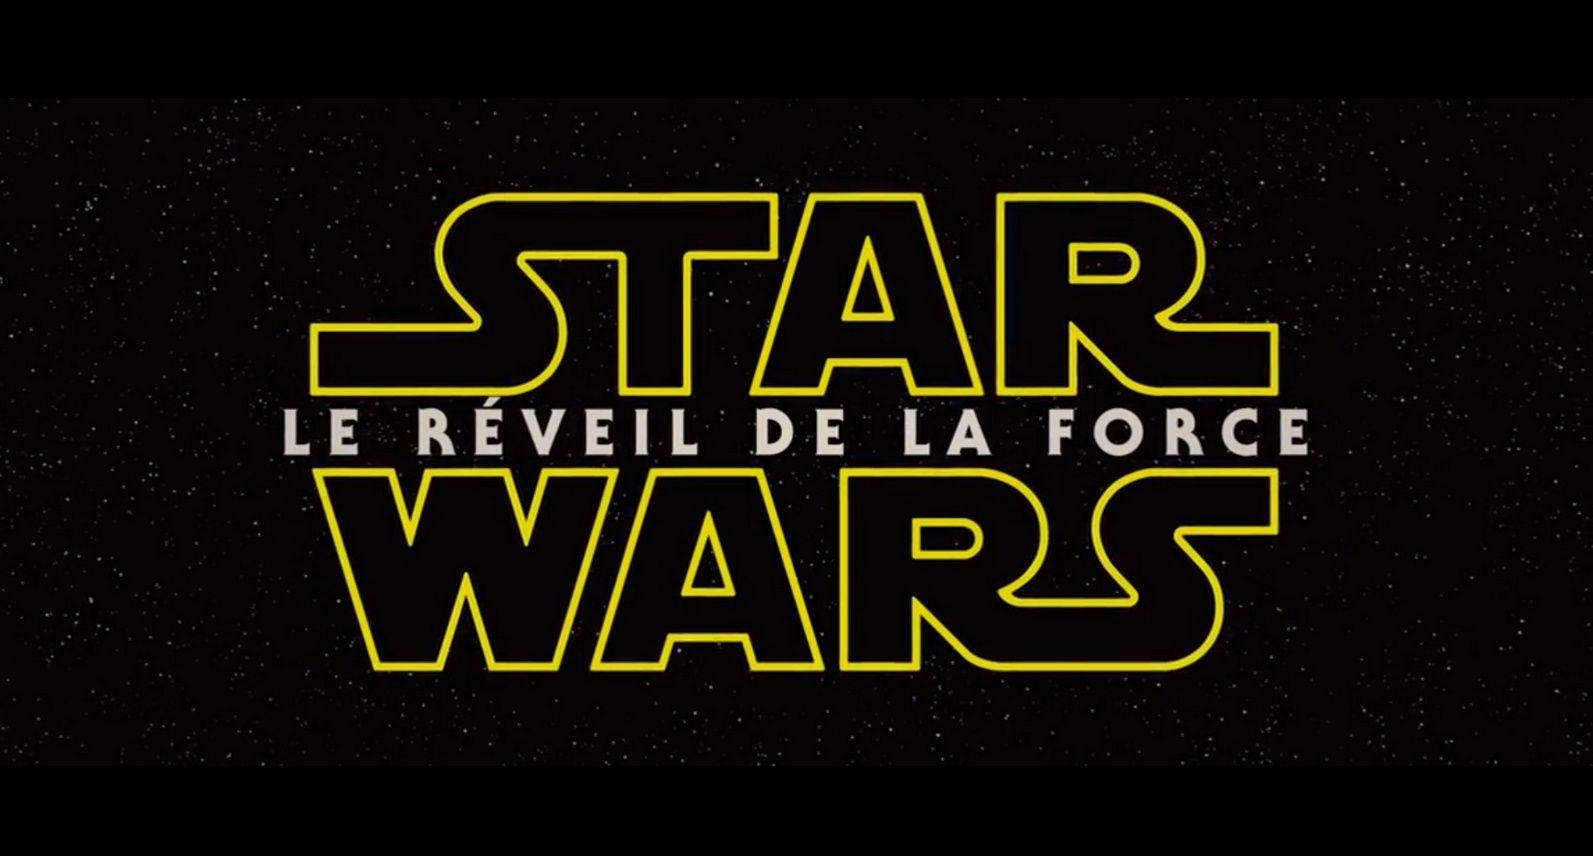 Une scène post-générique dans Star Wars 7 ?